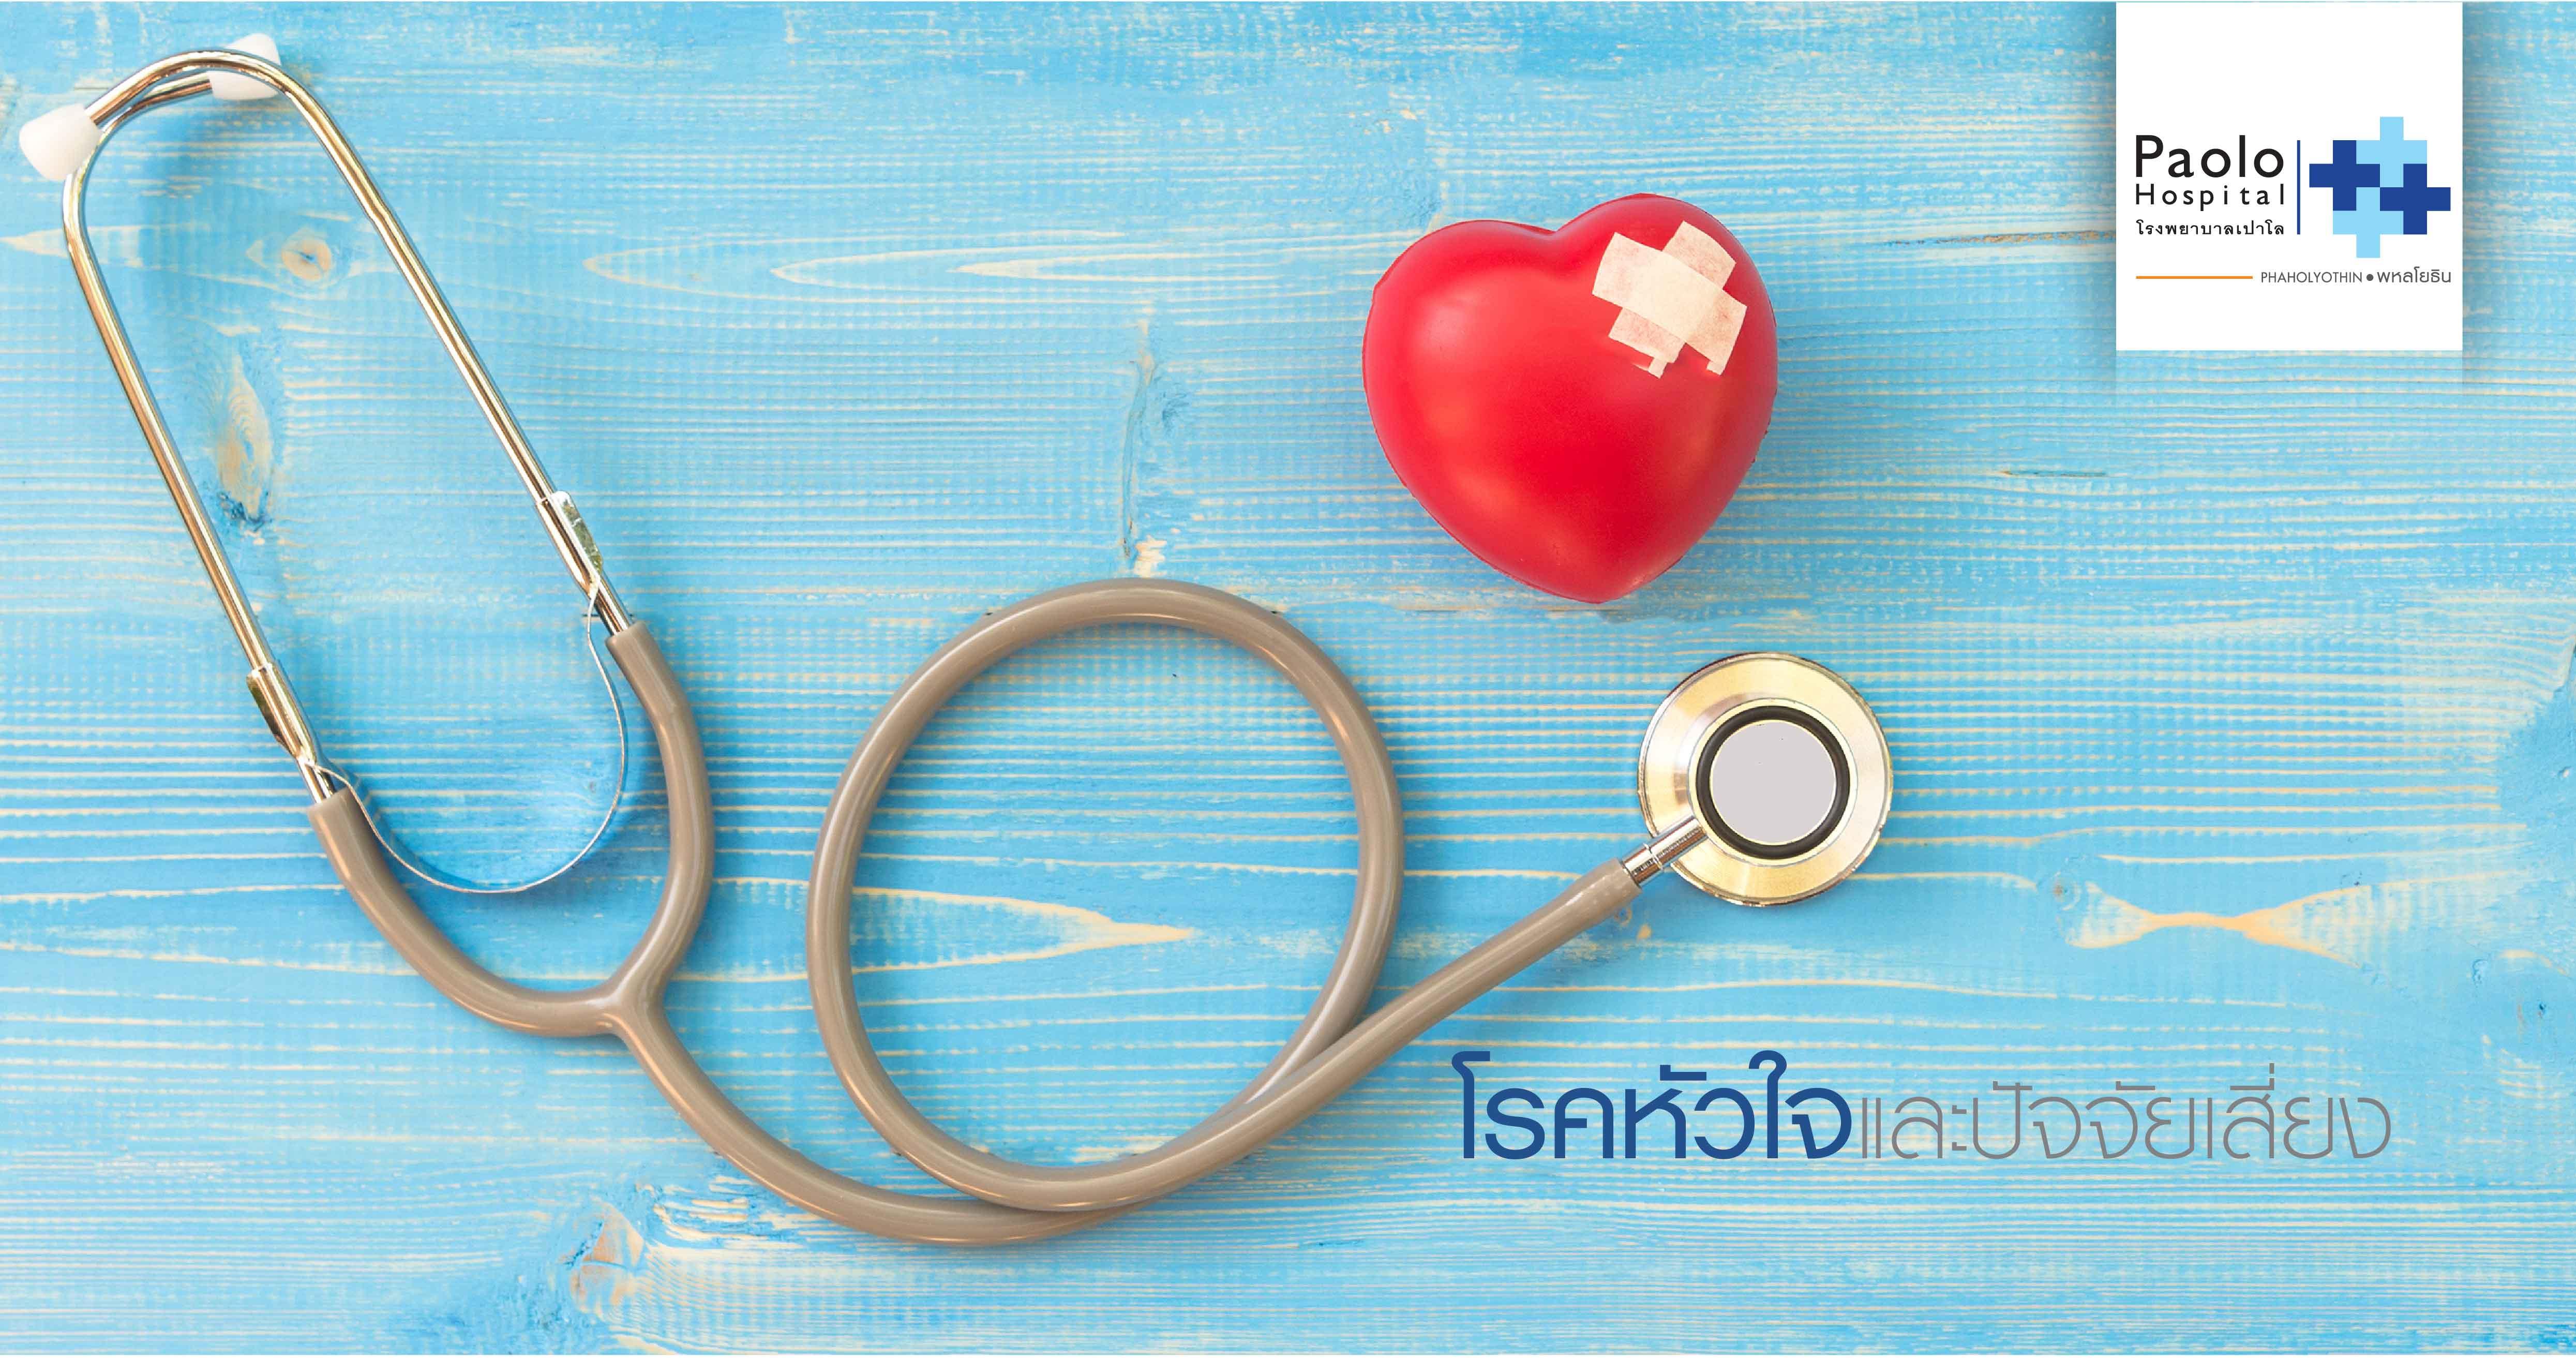 """""""โรคหัวใจ"""" สัญญาณเตือน ปัจจัยเสี่ยง และวิธีรักษาป้องกัน"""